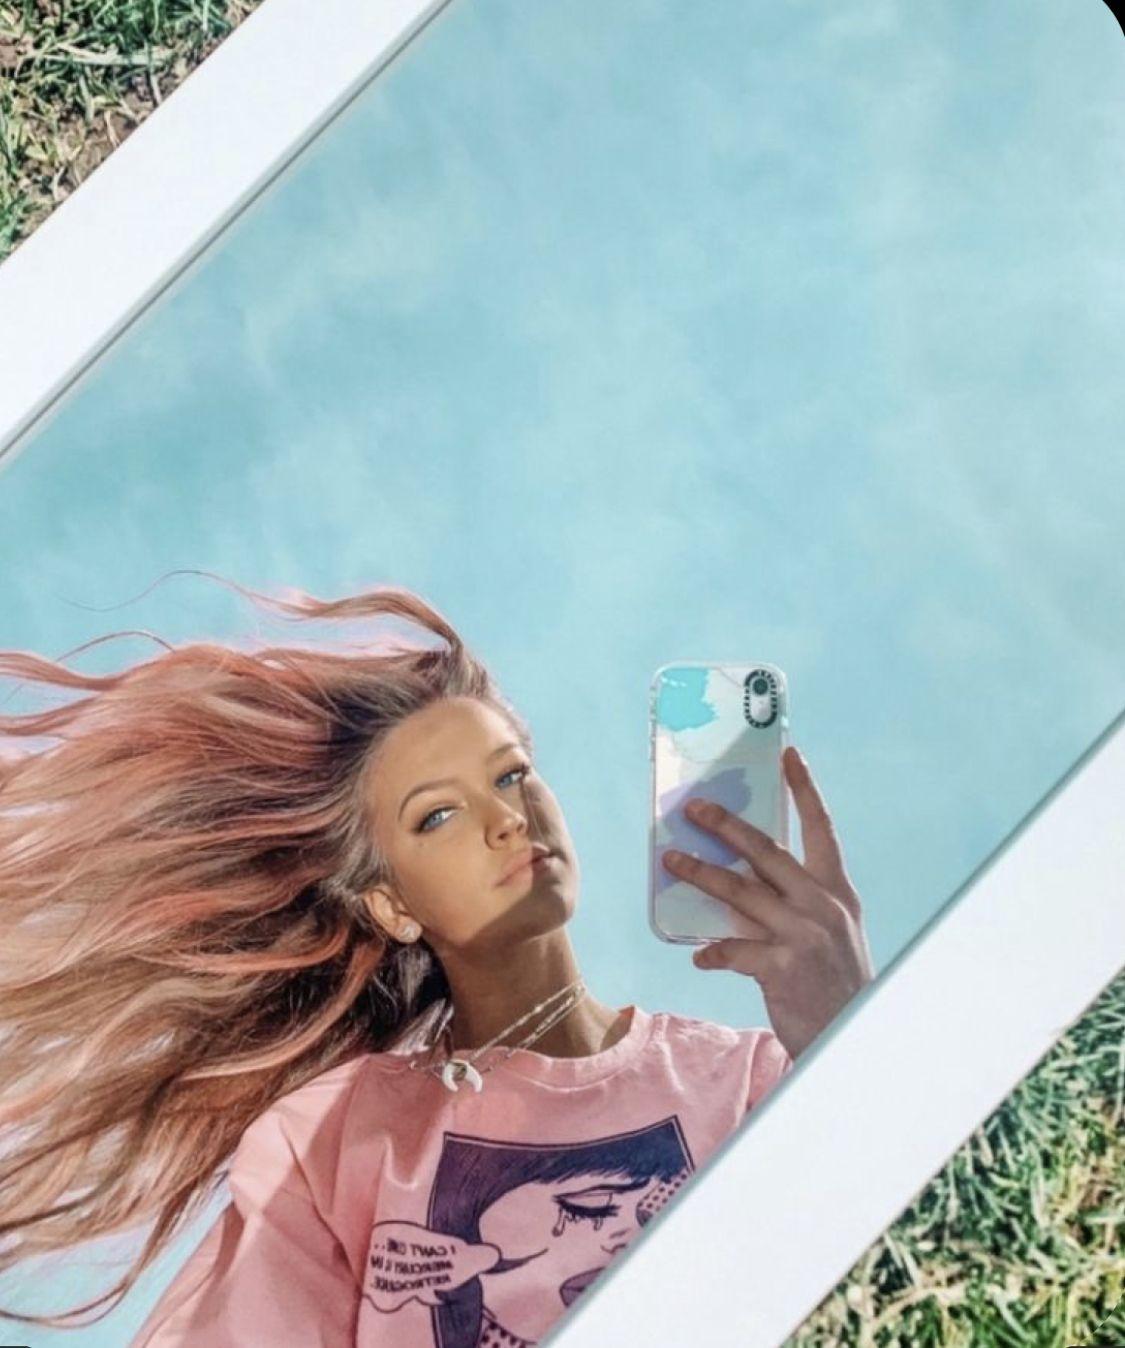 Pin Kenleighbrookee Selfie Poses Instagram Instagram Ideas Photography Selfie Poses